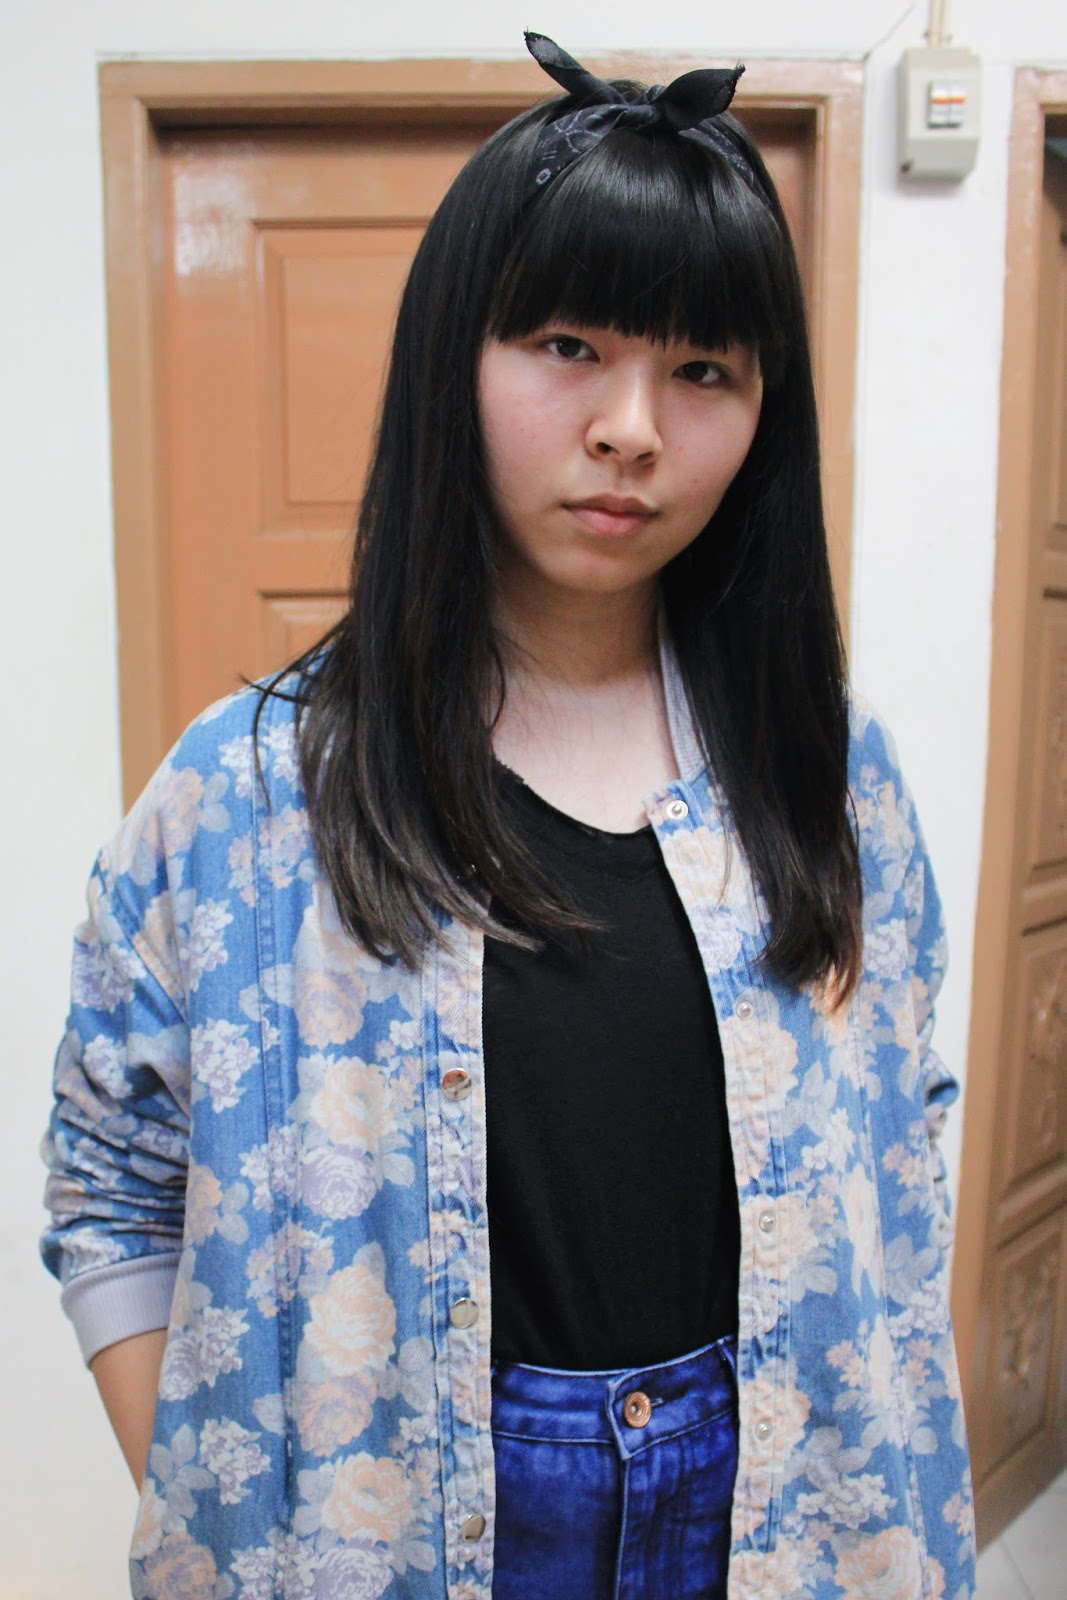 Floral jacket and bandana